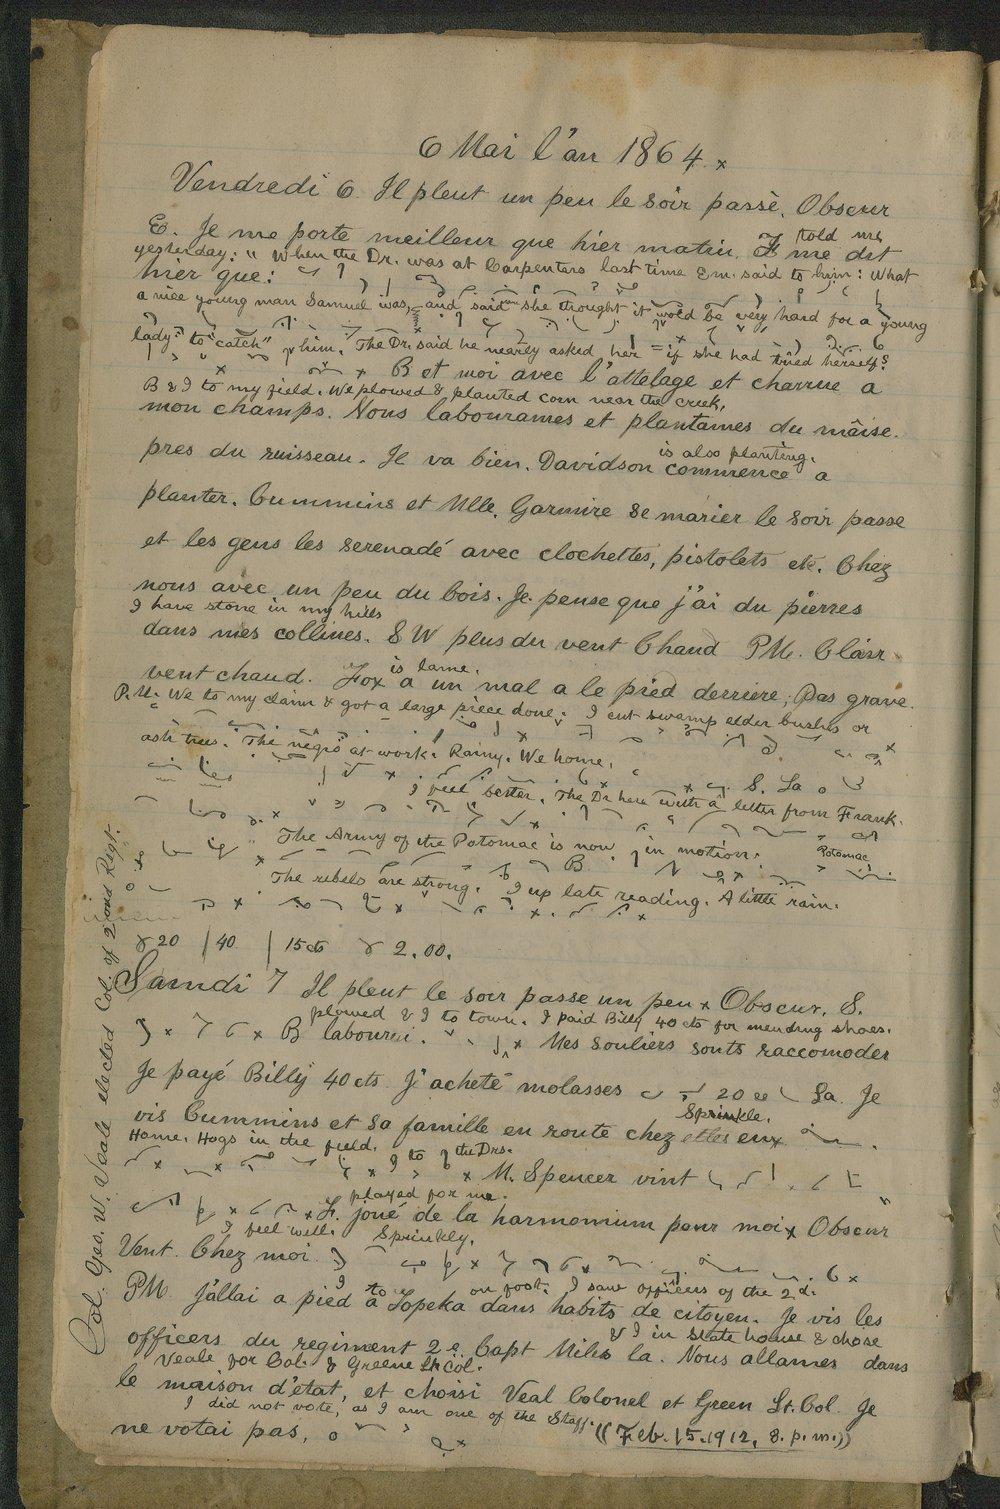 Samuel Reader's diary, volume 6 - 4